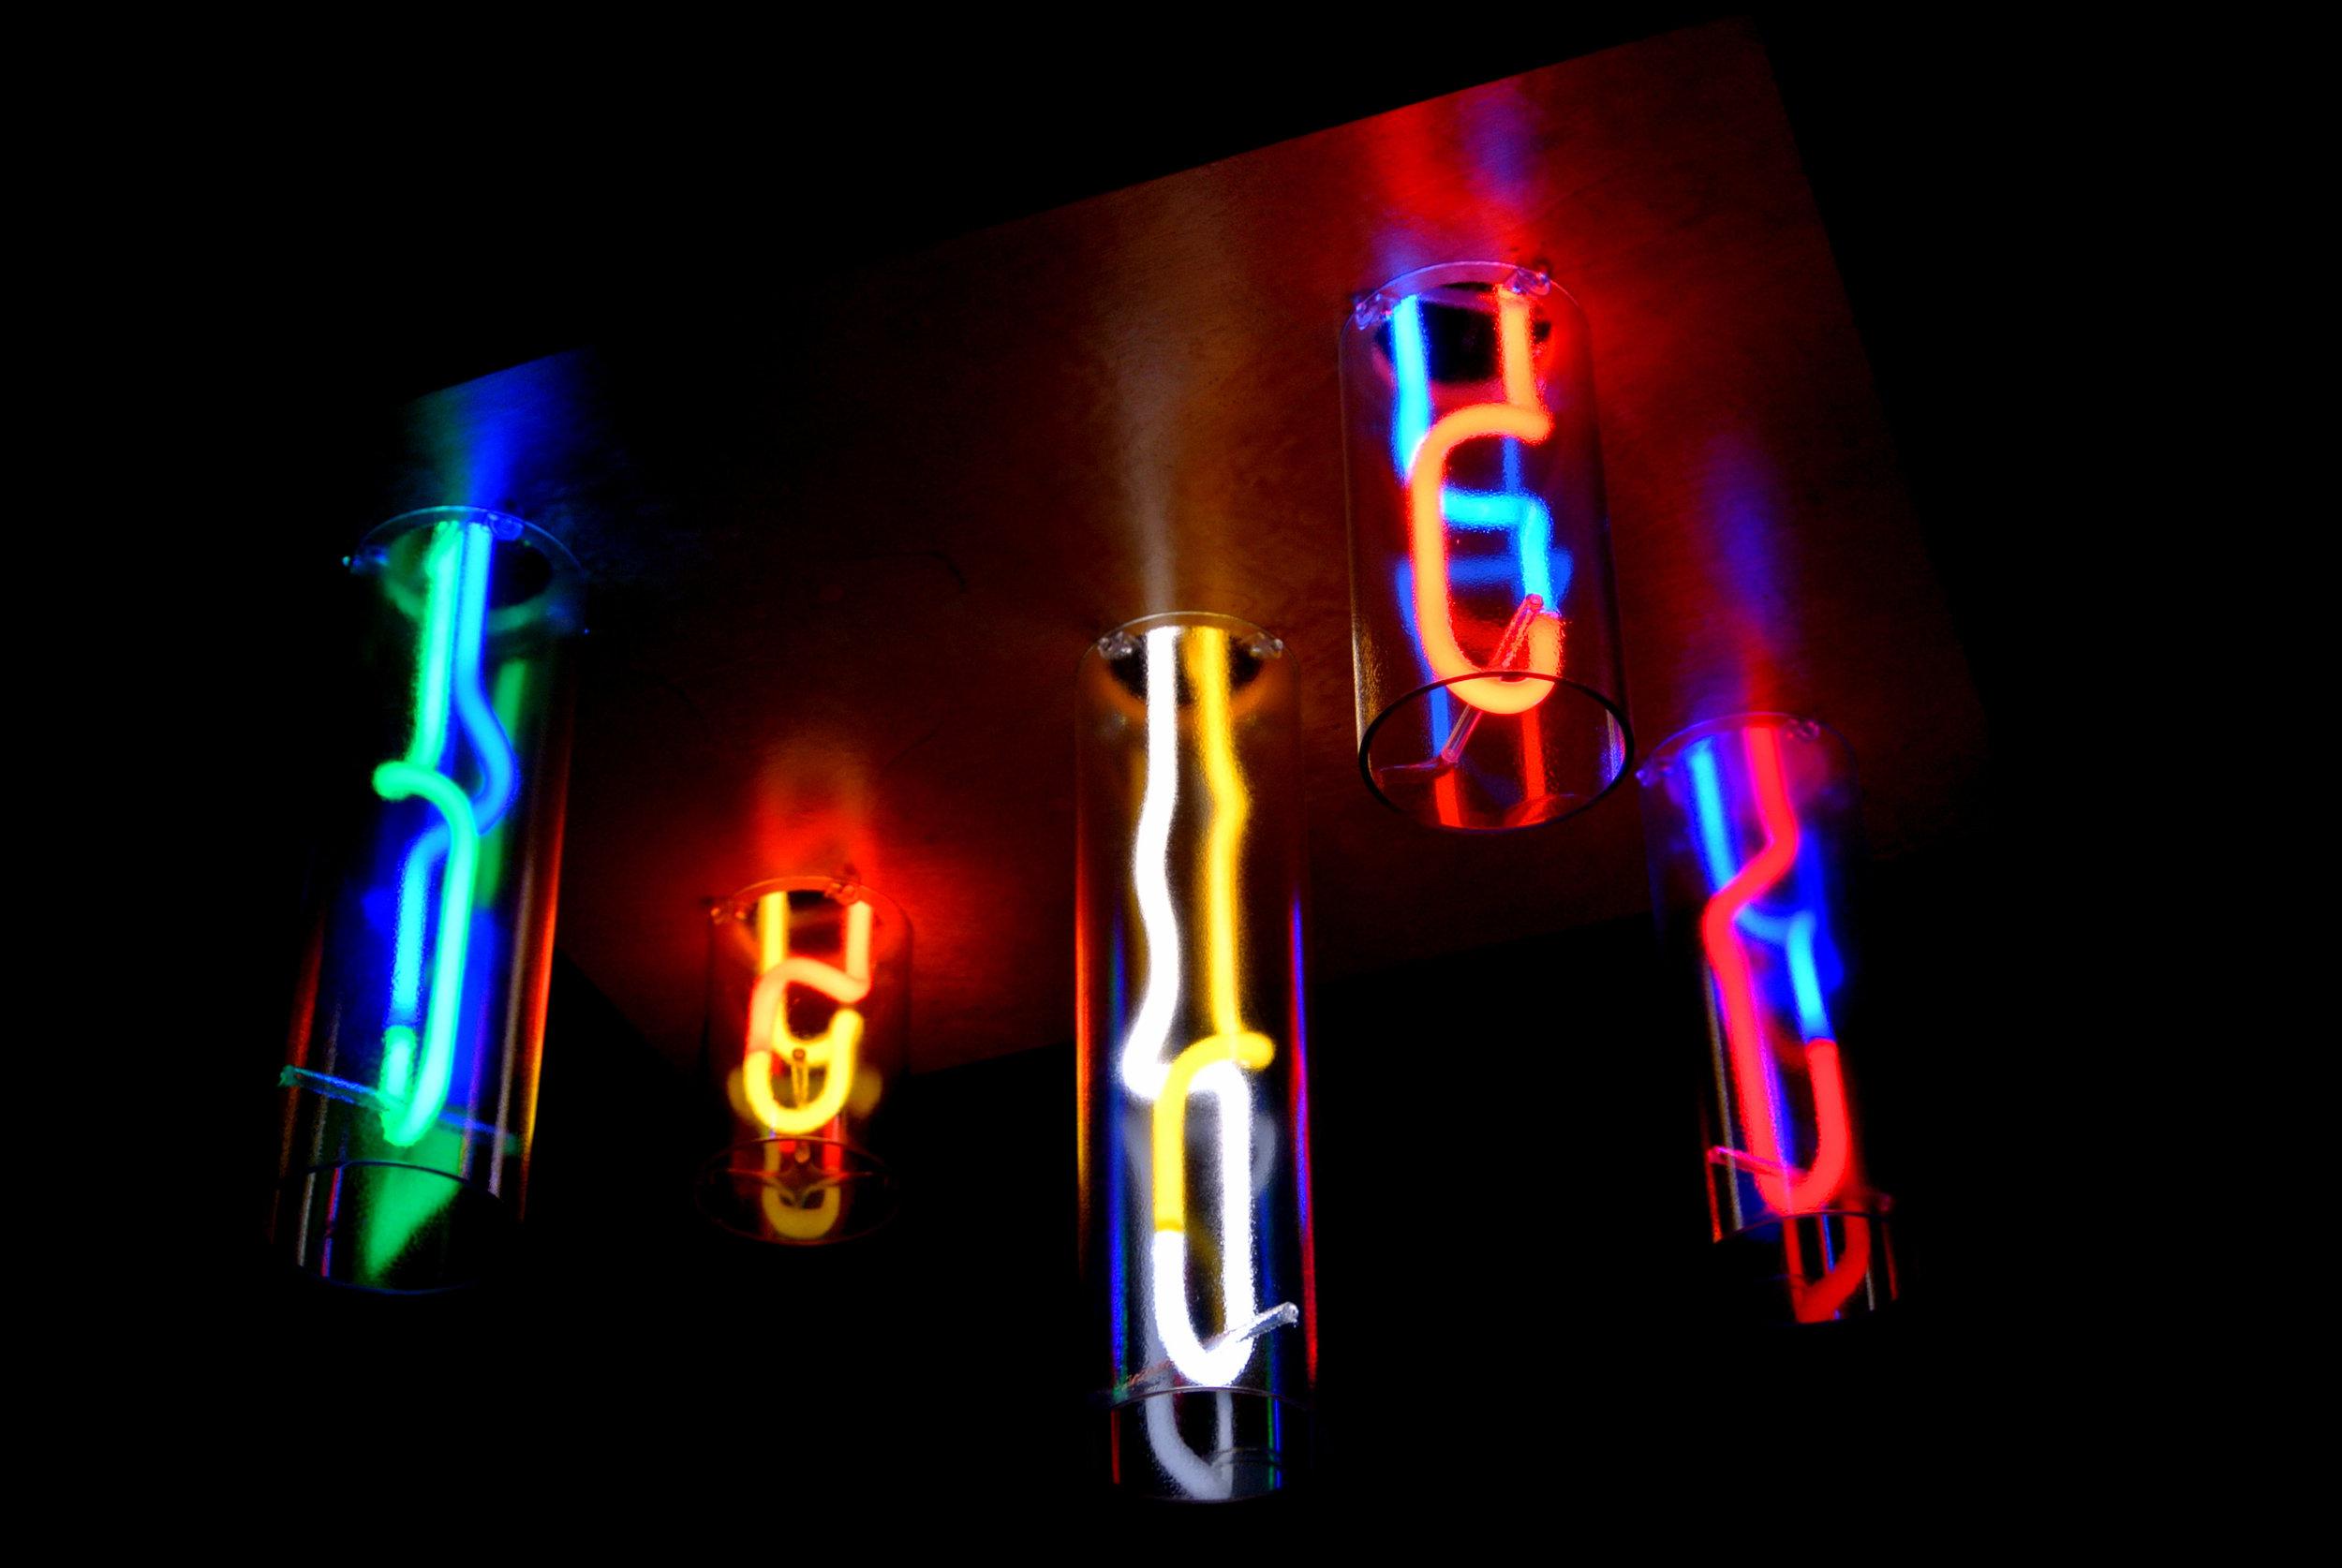 Designer Neon Light Fixtures by John Barton - Famous USA Neon Glass Artist - BartonNeonMagic.com